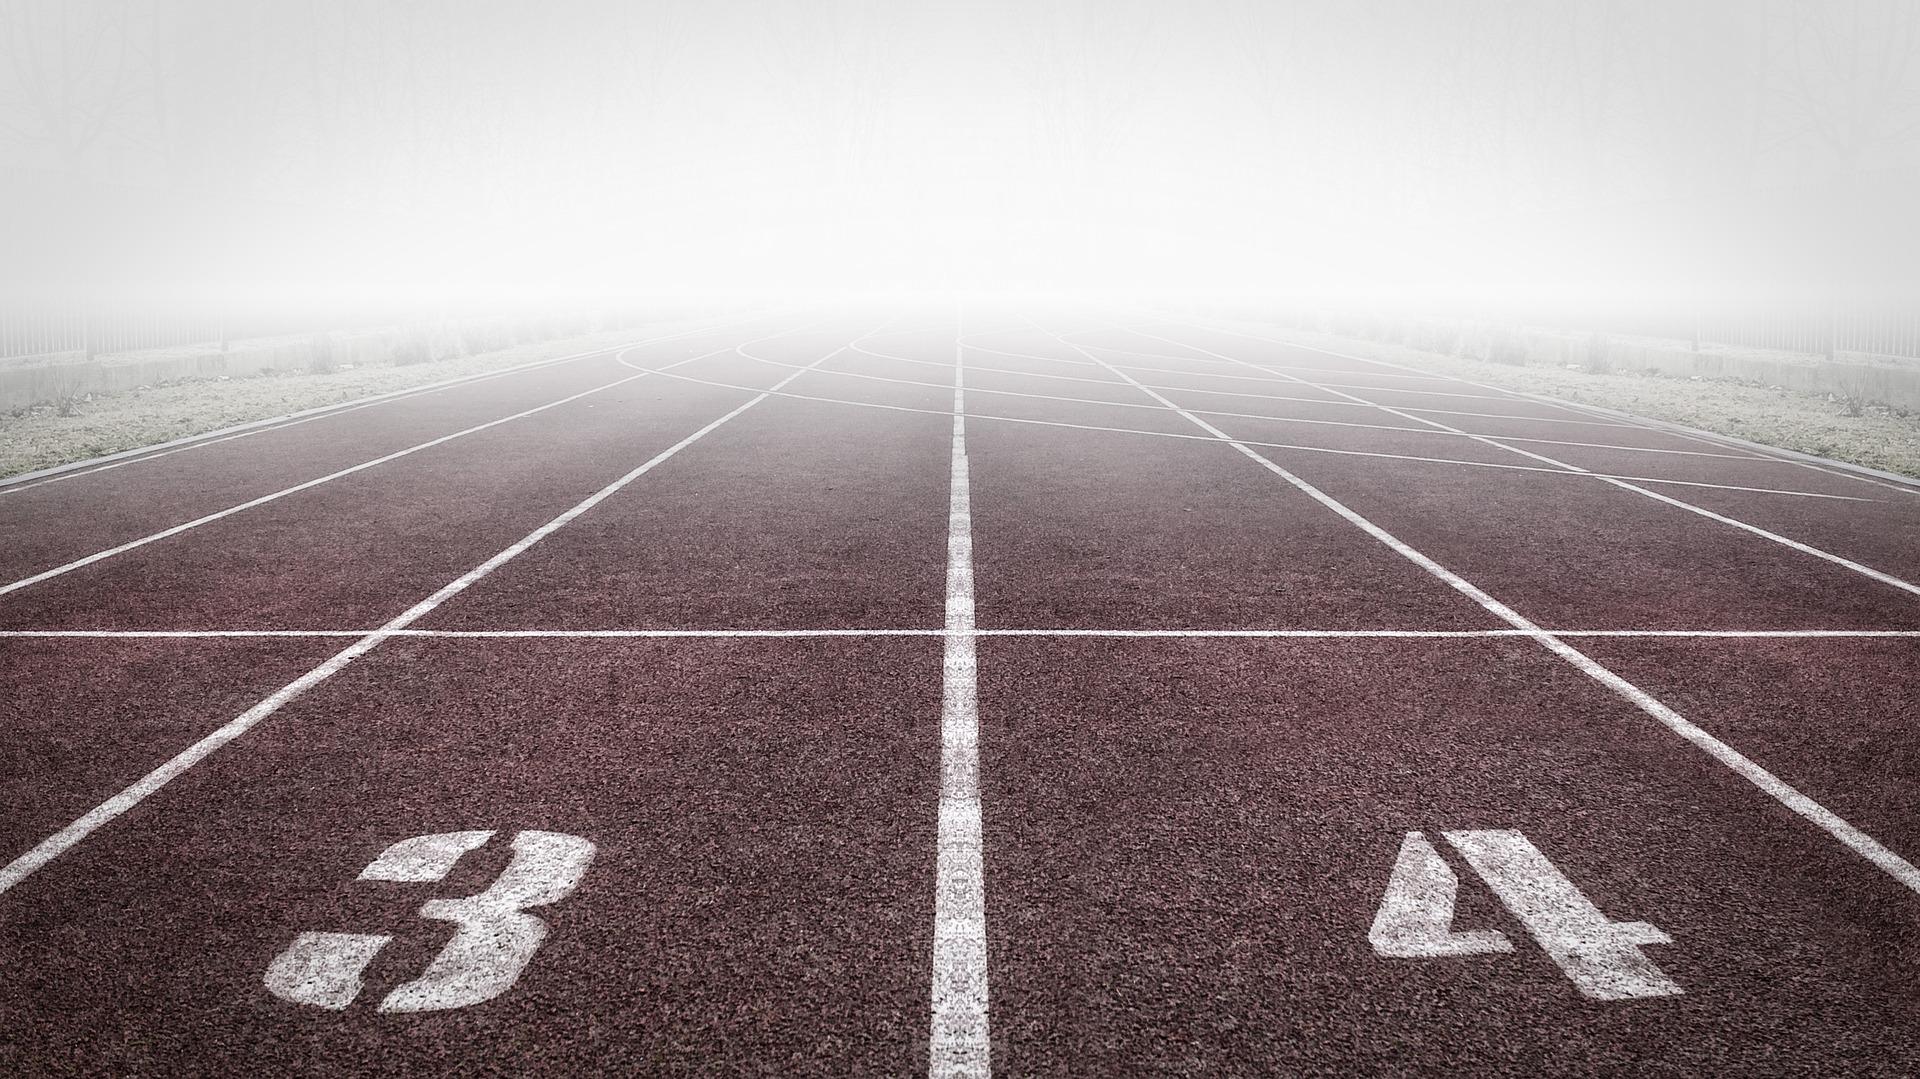 Curriculum experiencia deporte